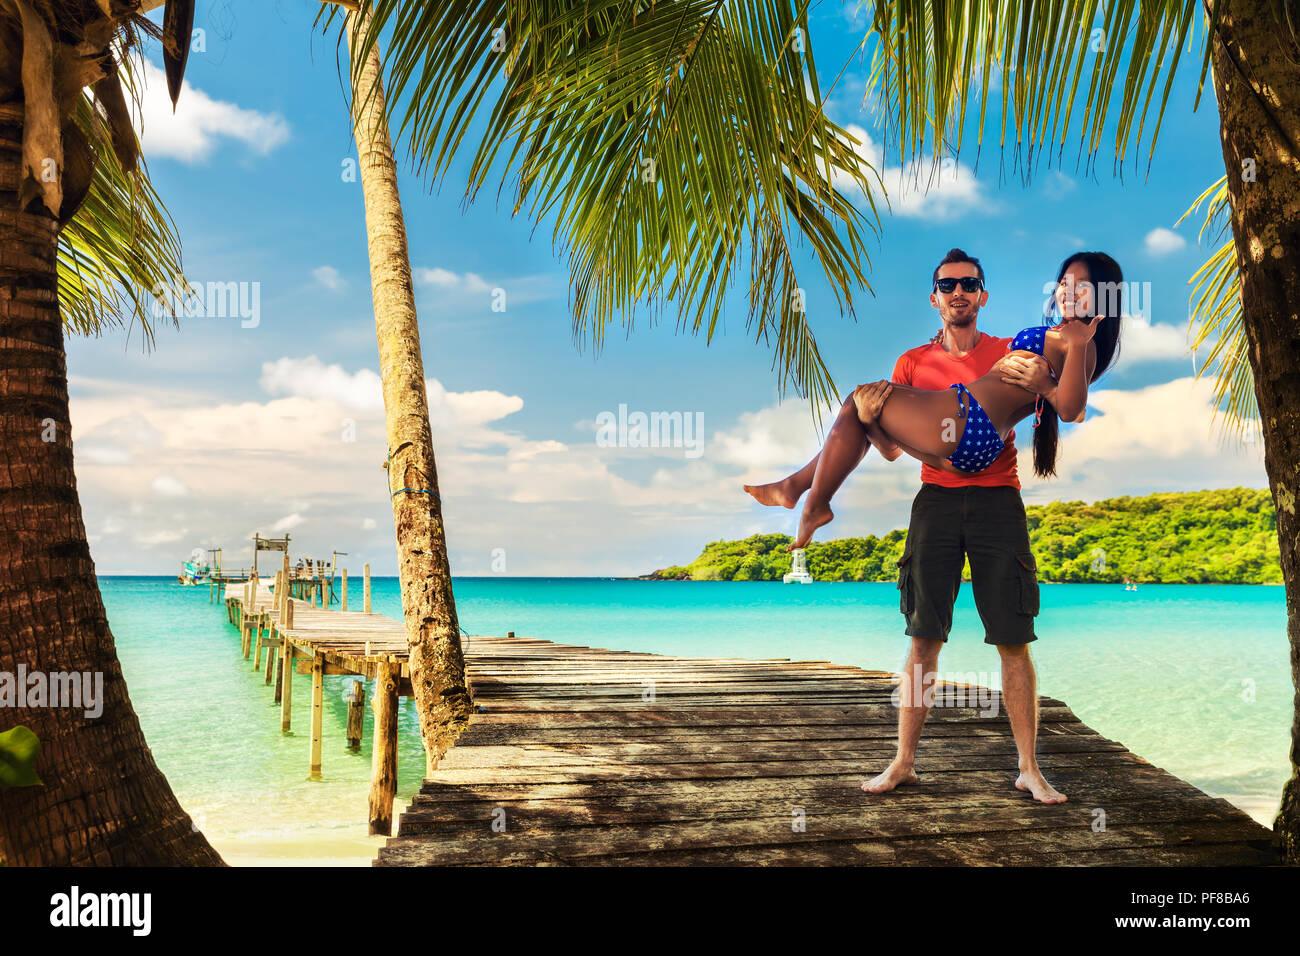 Vacation interracial Interracial vacation